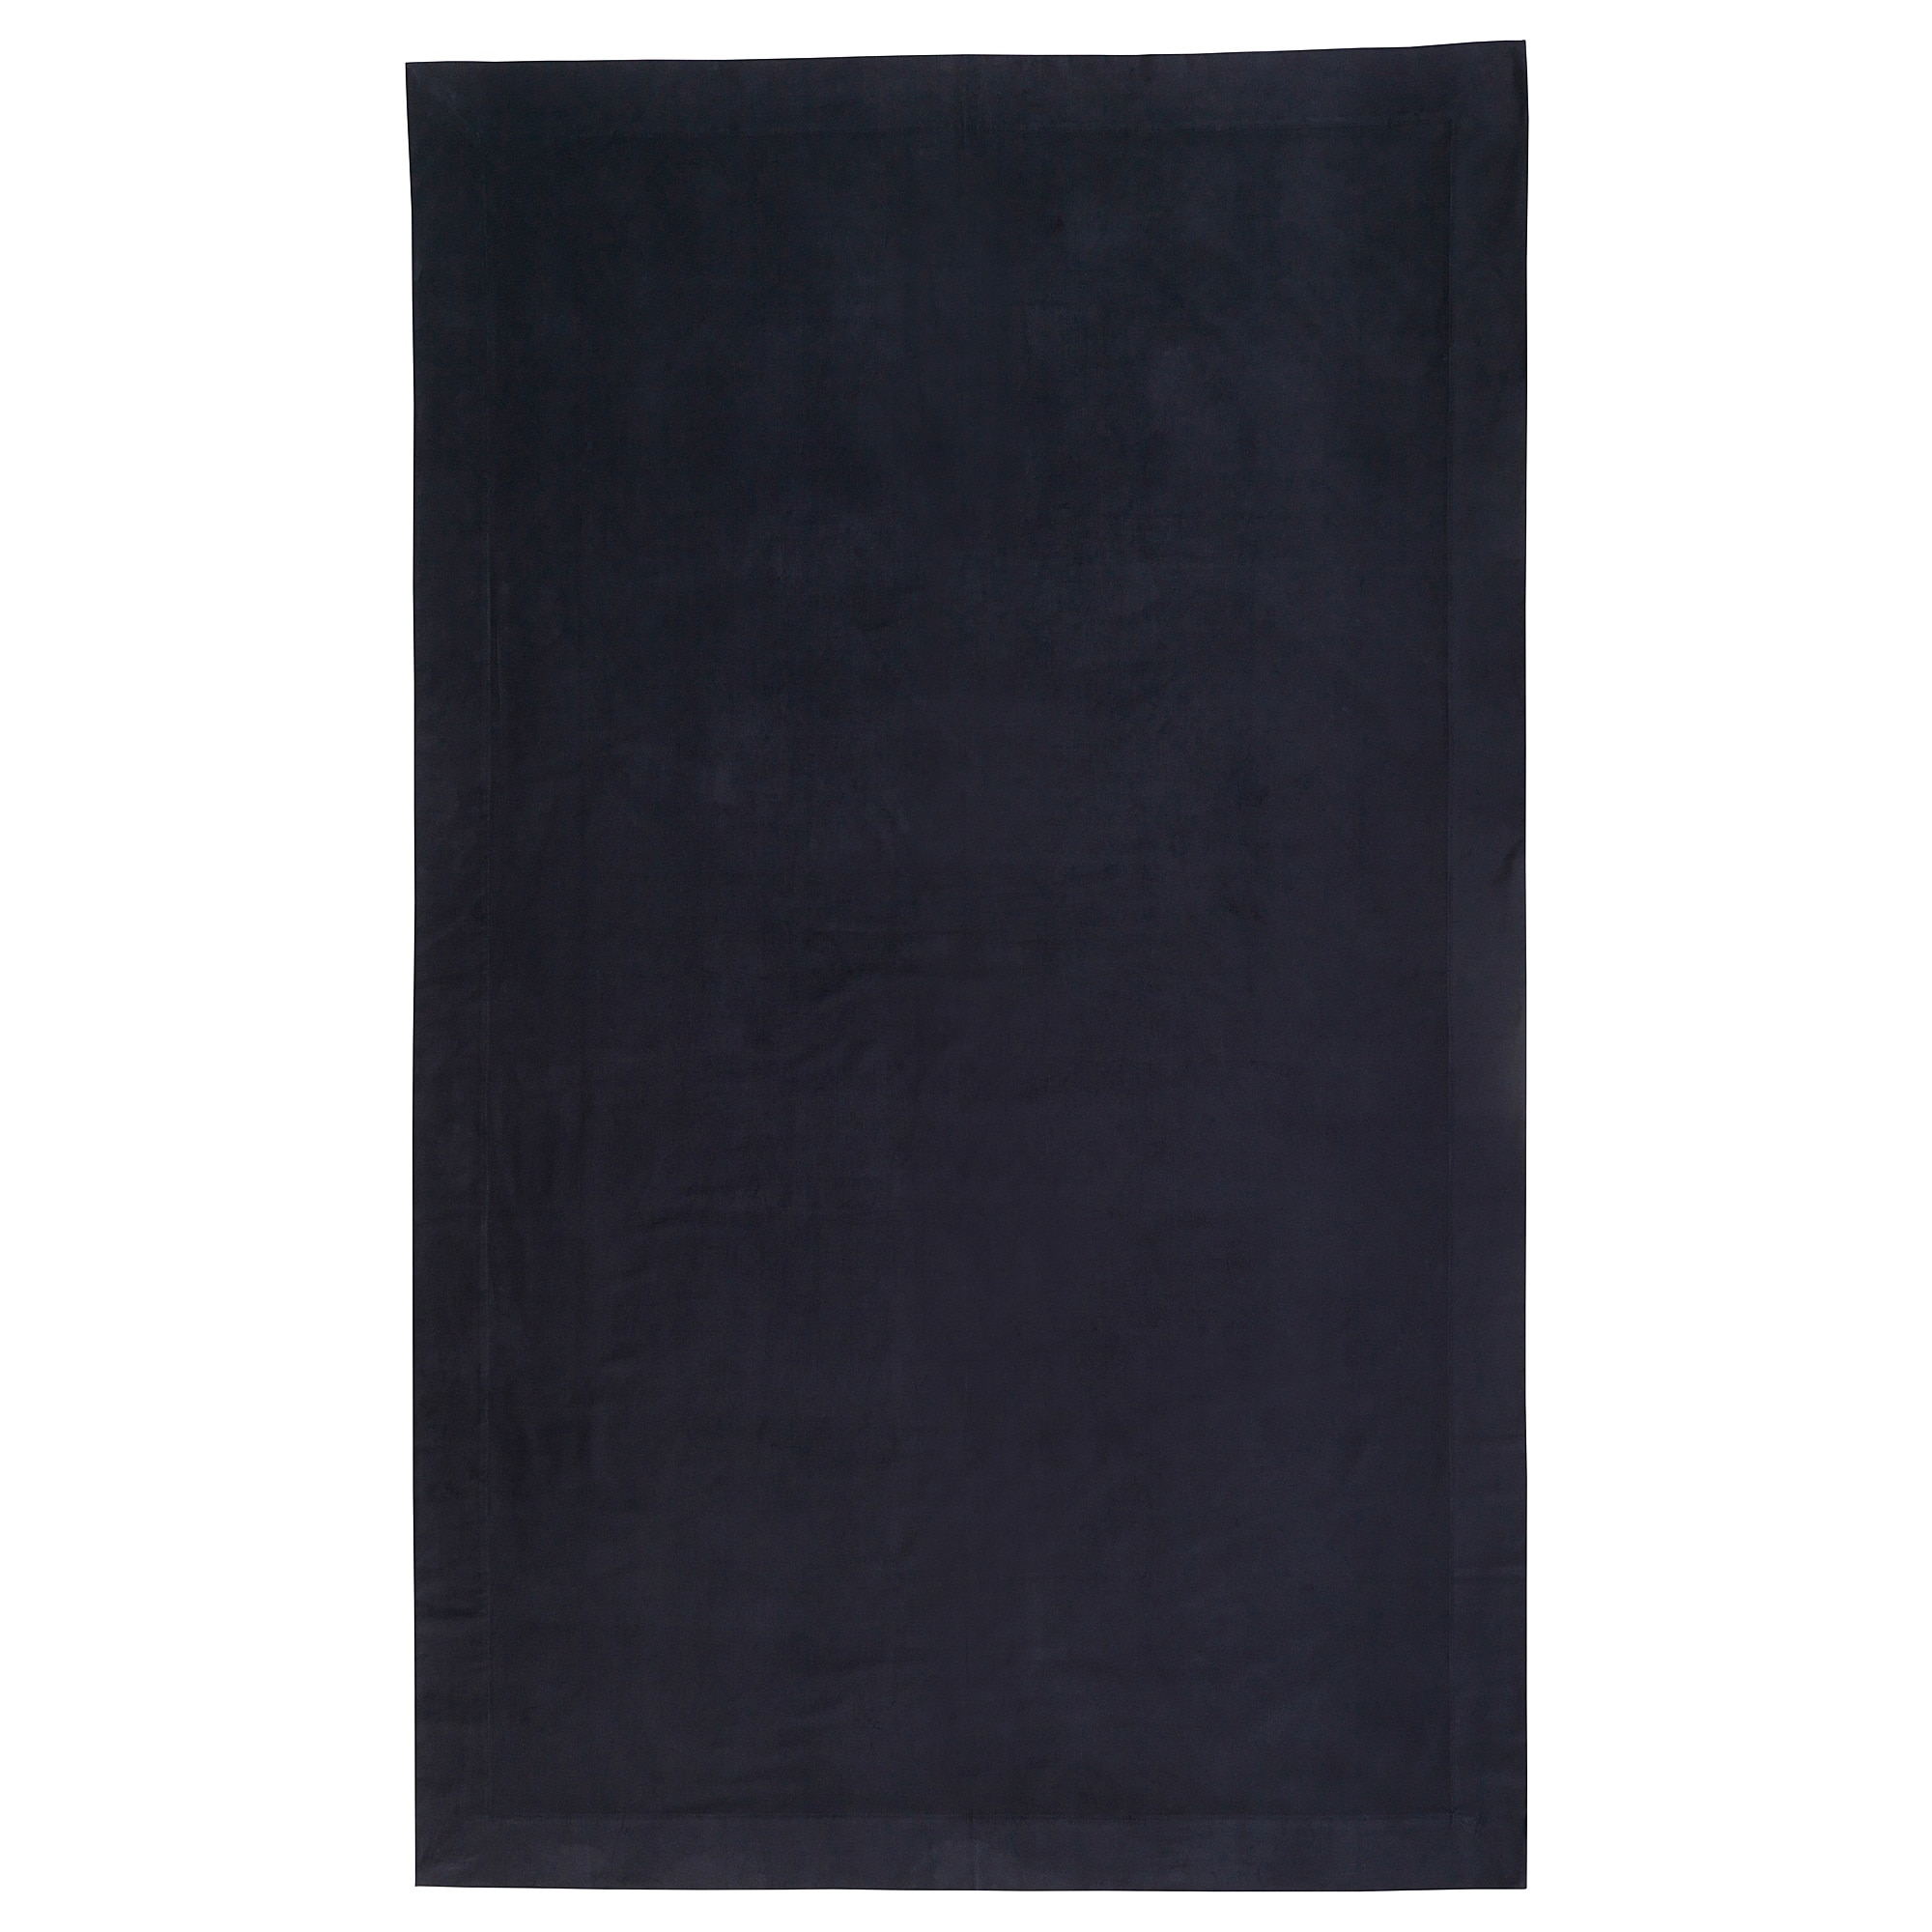 Скатерть ВИНТЕР 2018 темно-синий артикуль № 204.029.87 в наличии. Онлайн сайт IKEA Республика Беларусь. Недорогая доставка и установка.